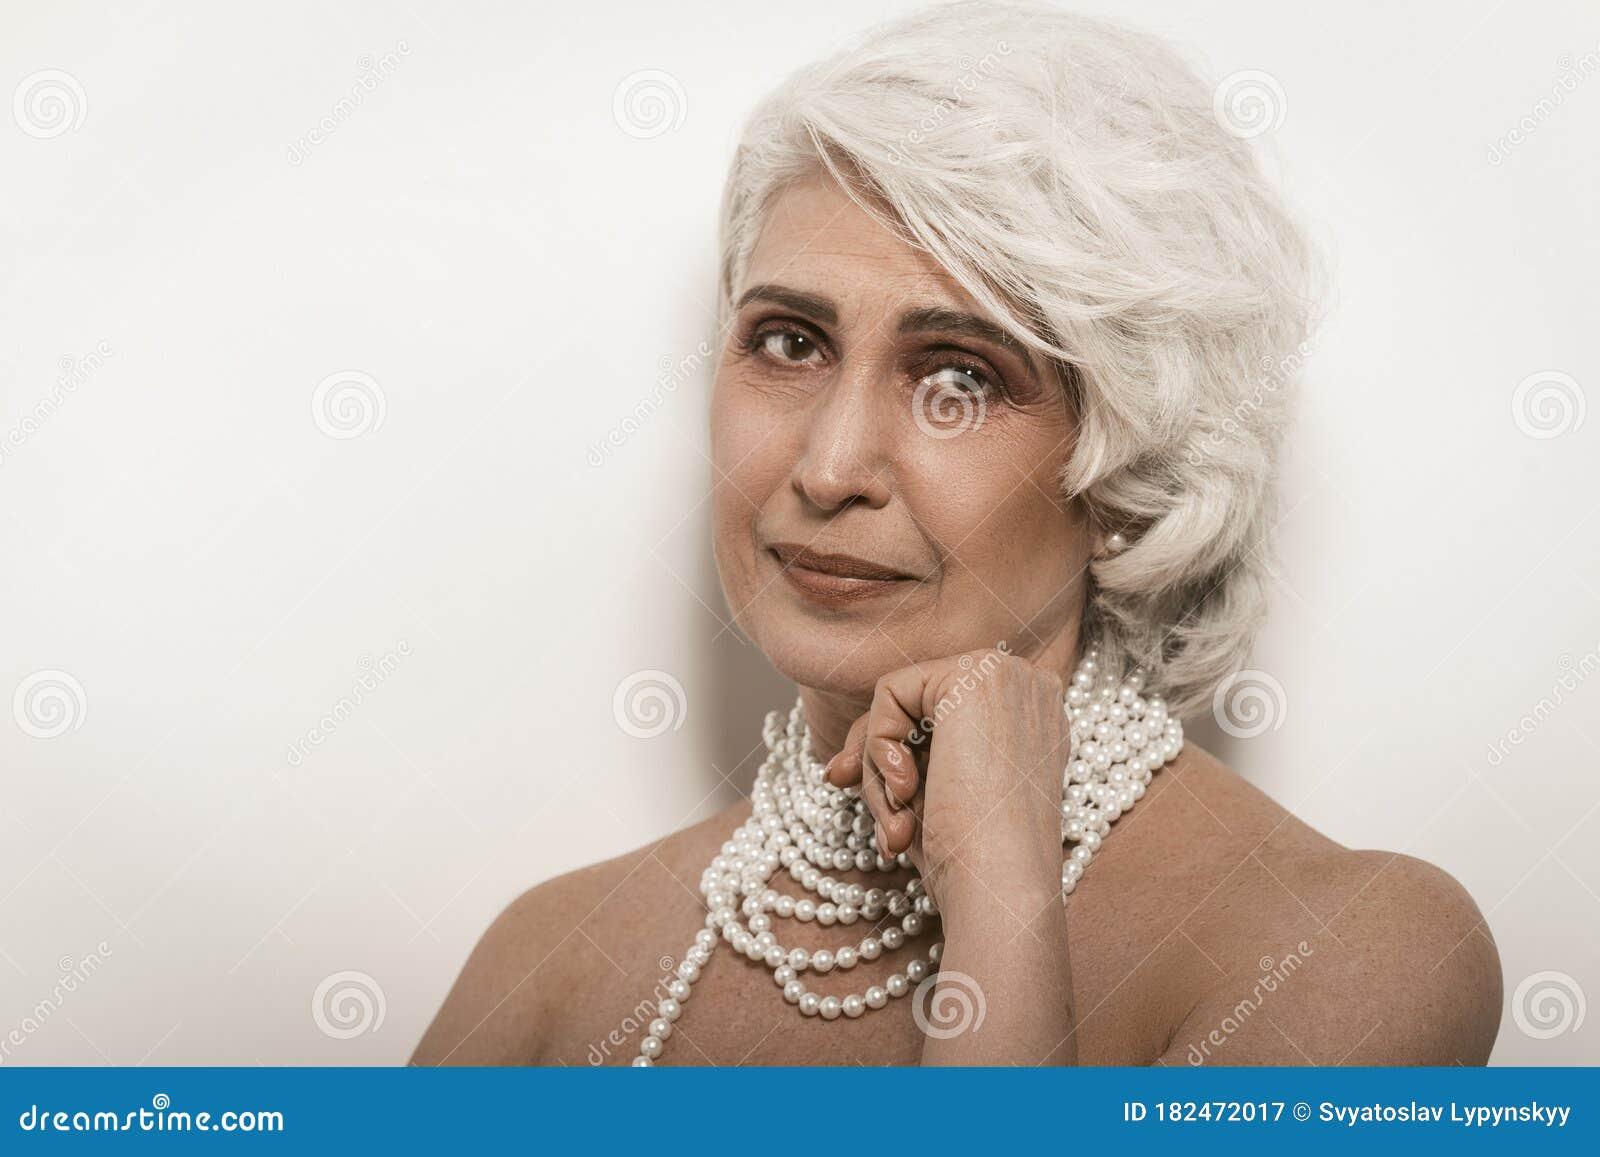 Proper woman   Older woman photography, Portrait